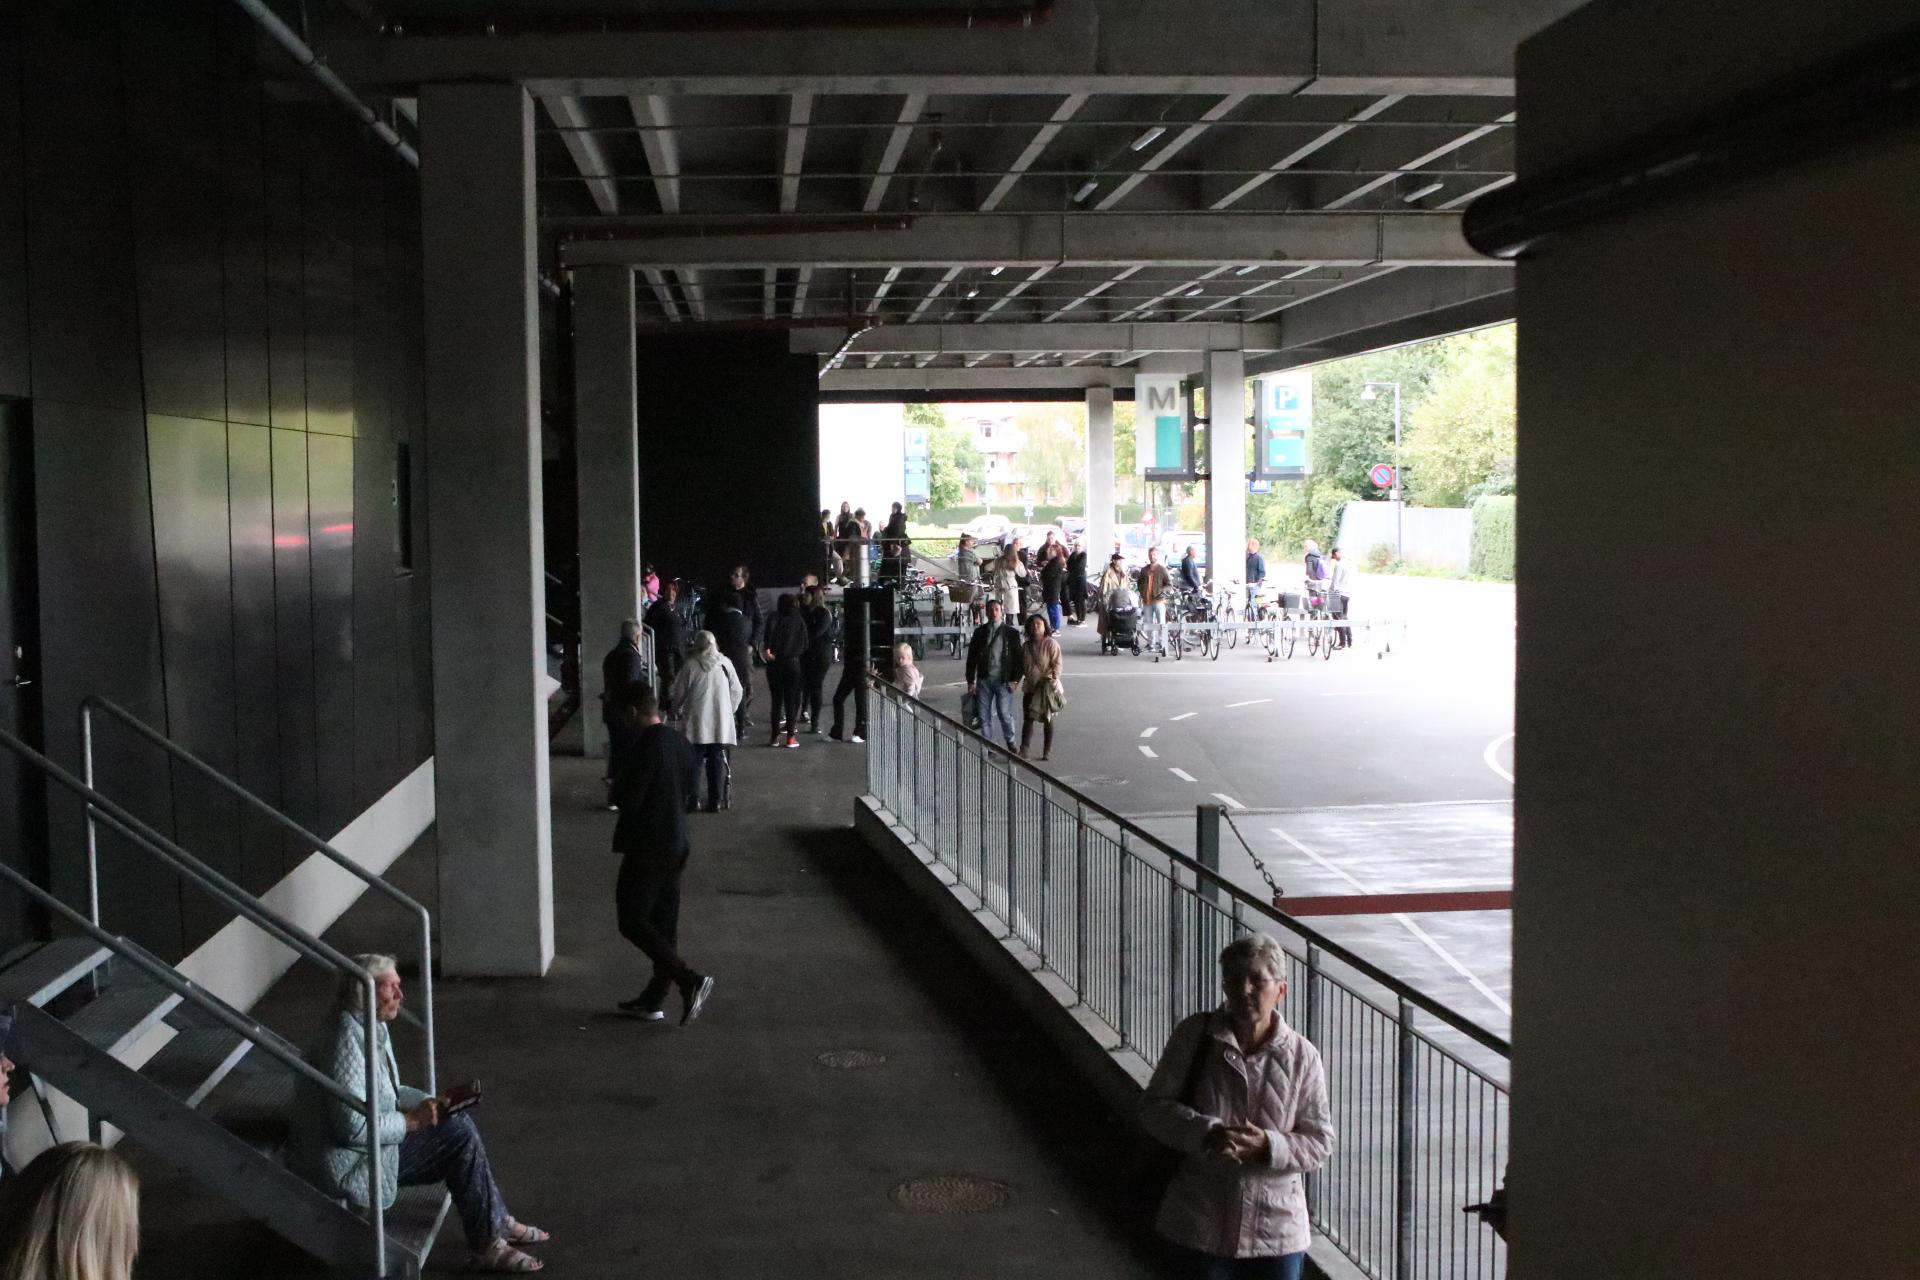 Lige nu: Evakuering i gang i Rødovre Centrum - meldinger om sikkerhedstrussel